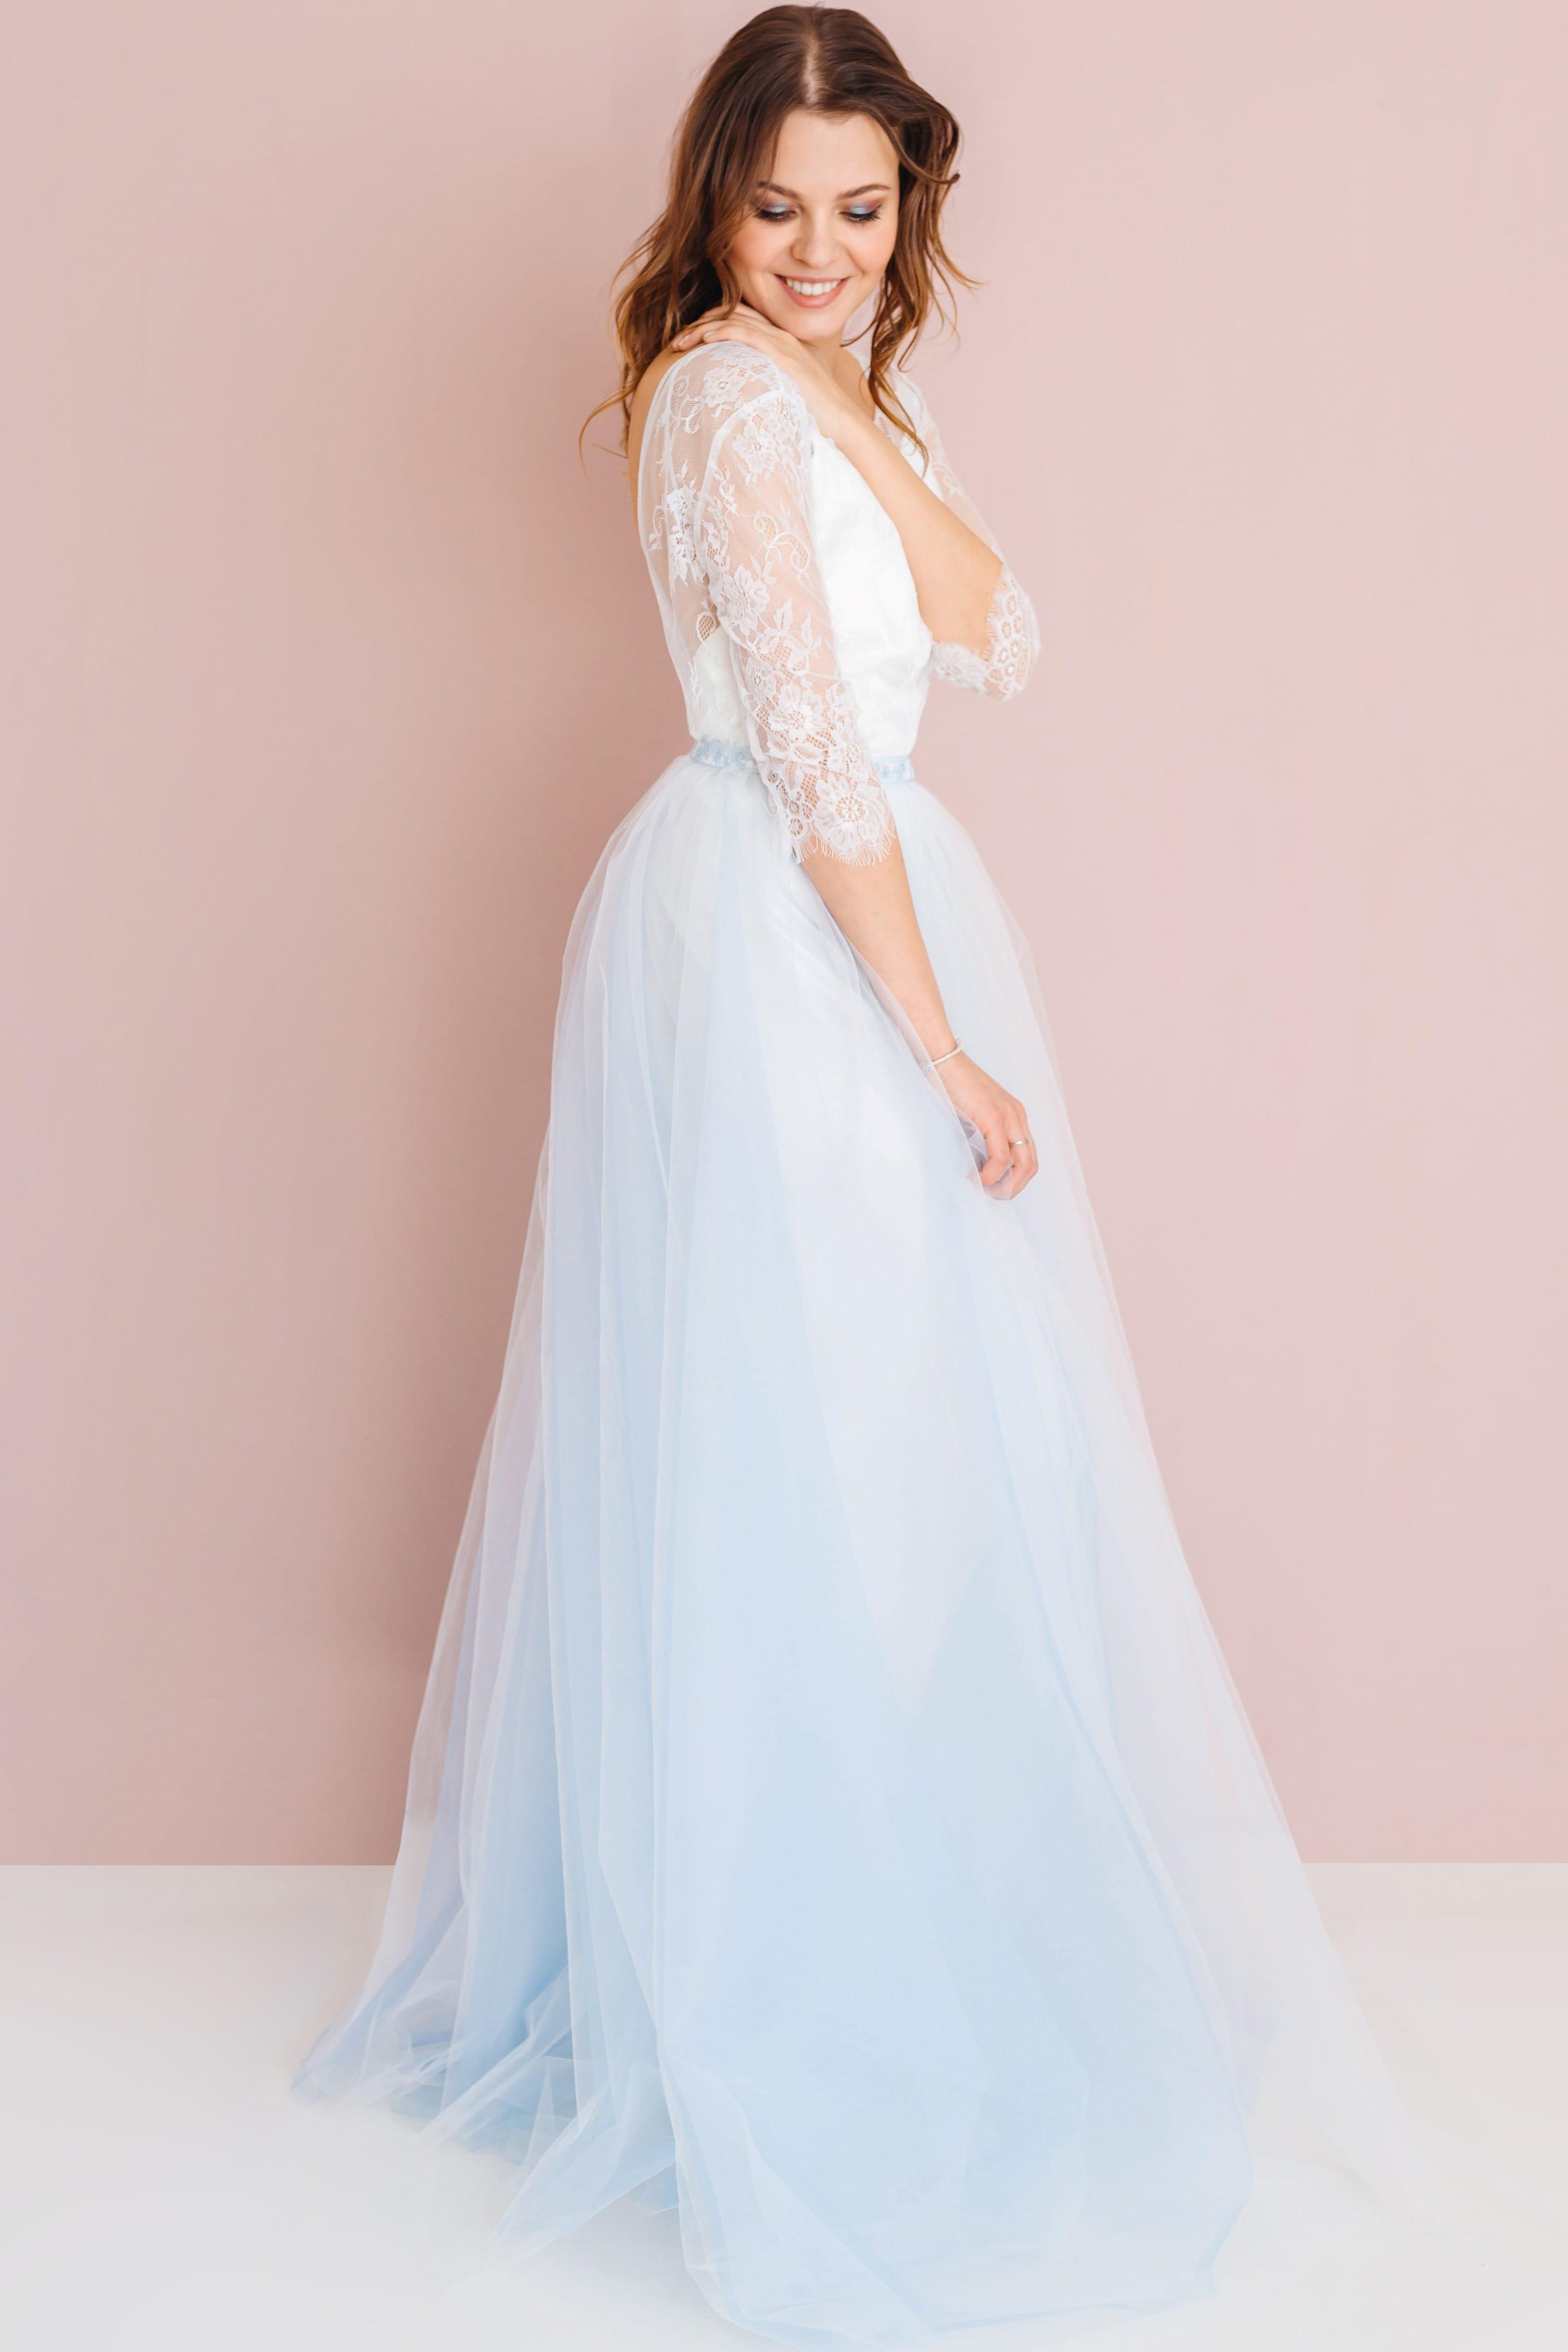 Свадебное платье LANA, коллекция LOFT, бренд RARE BRIDAL, фото 2